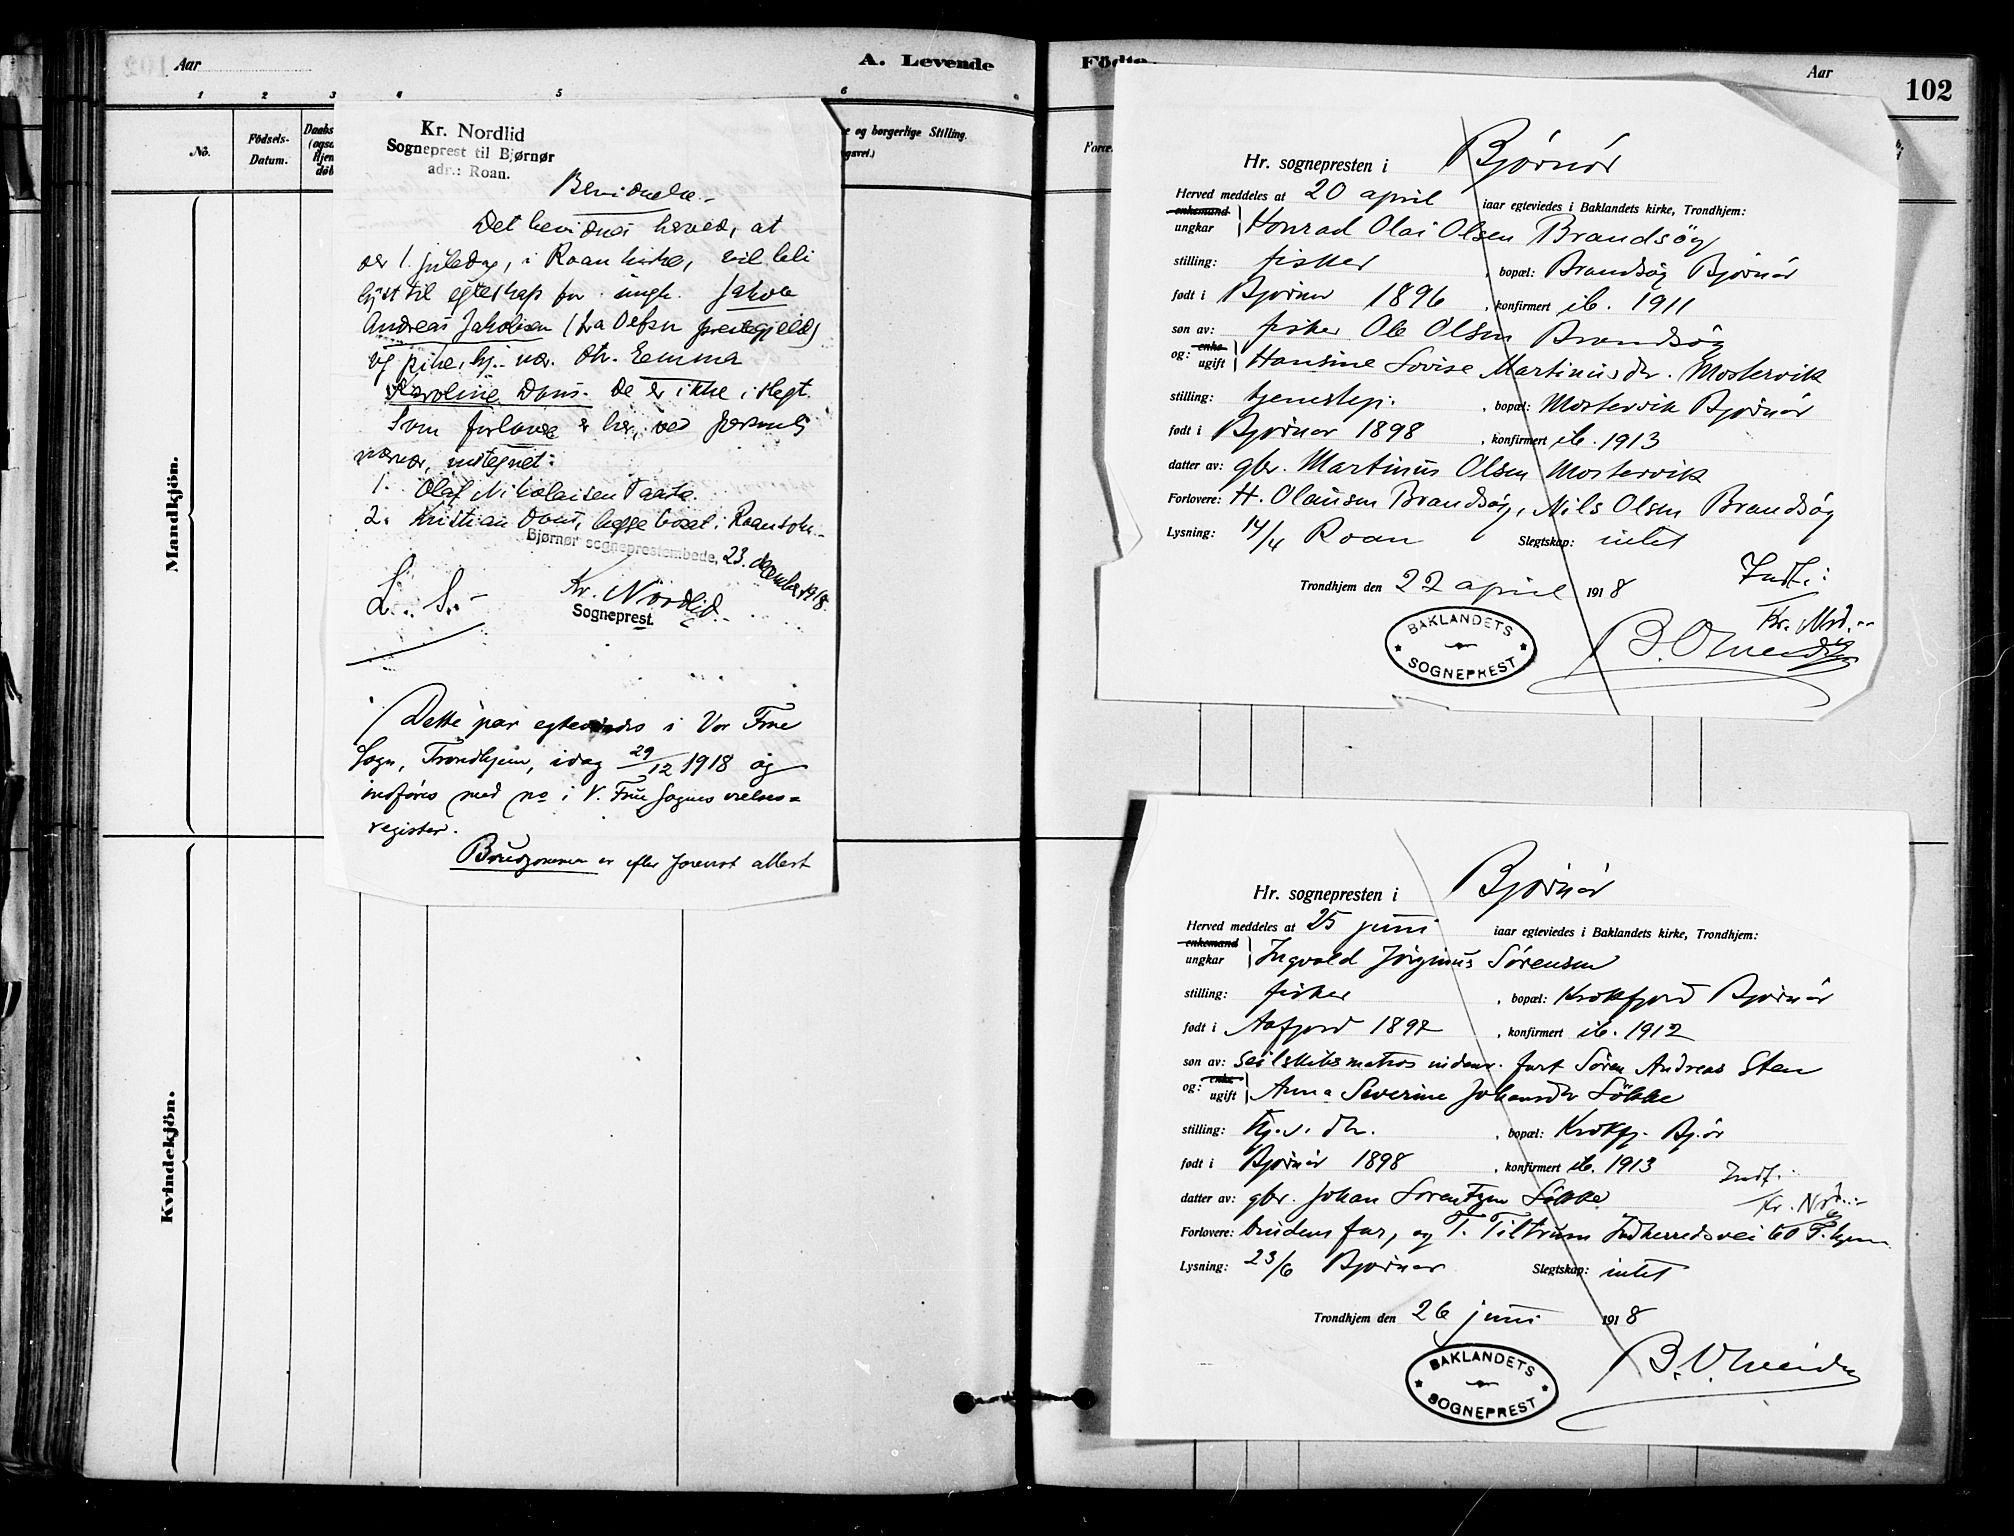 SAT, Ministerialprotokoller, klokkerbøker og fødselsregistre - Sør-Trøndelag, 657/L0707: Ministerialbok nr. 657A08, 1879-1893, s. 102